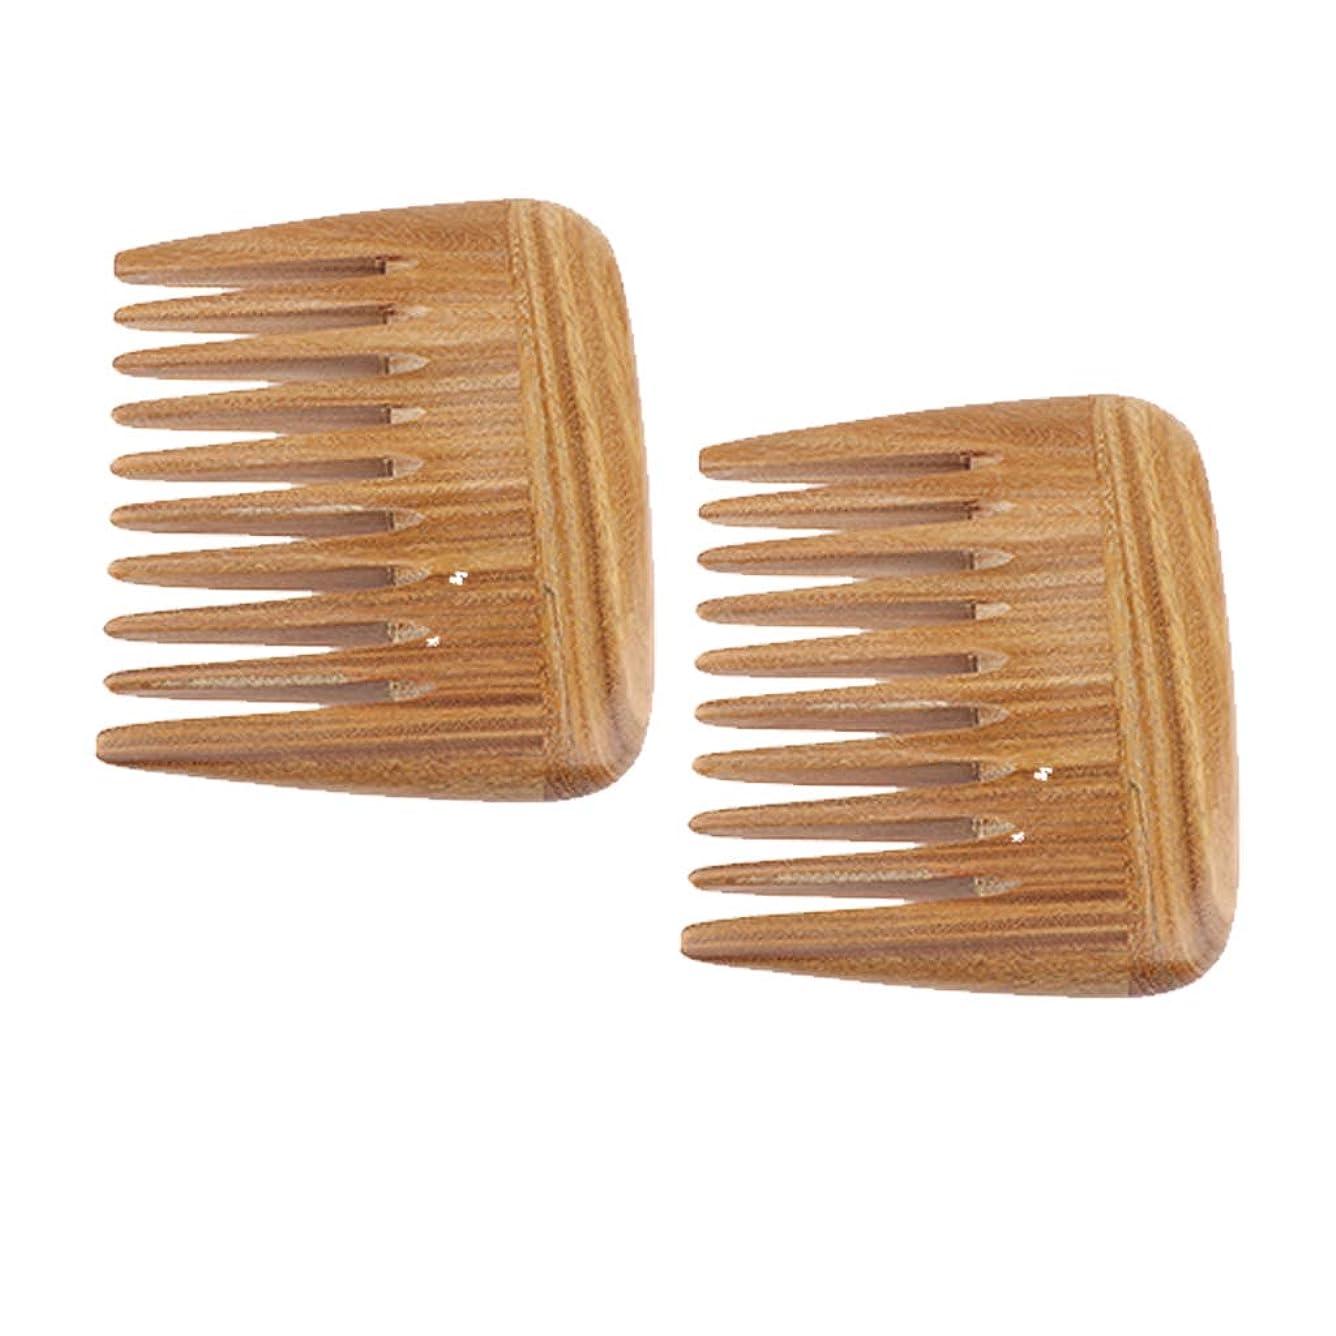 ピクニック例外一目B Baosity 2個 静電気防止櫛 ポケット 広い歯 ヘアコーム 木製櫛 プレゼント